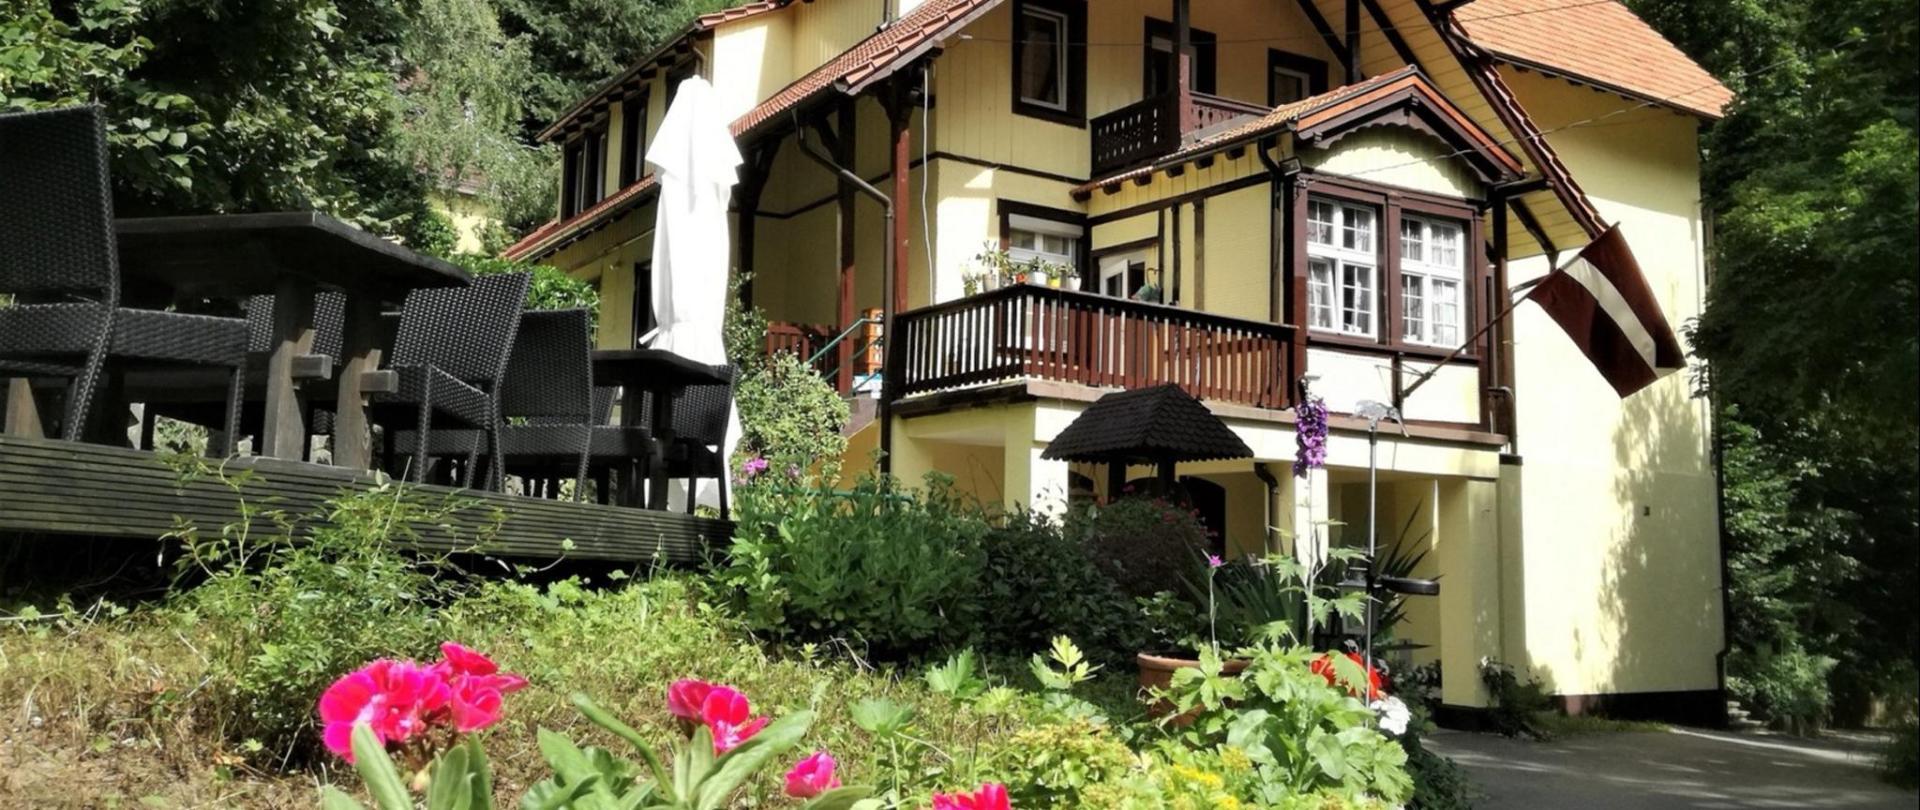 Latvijas house